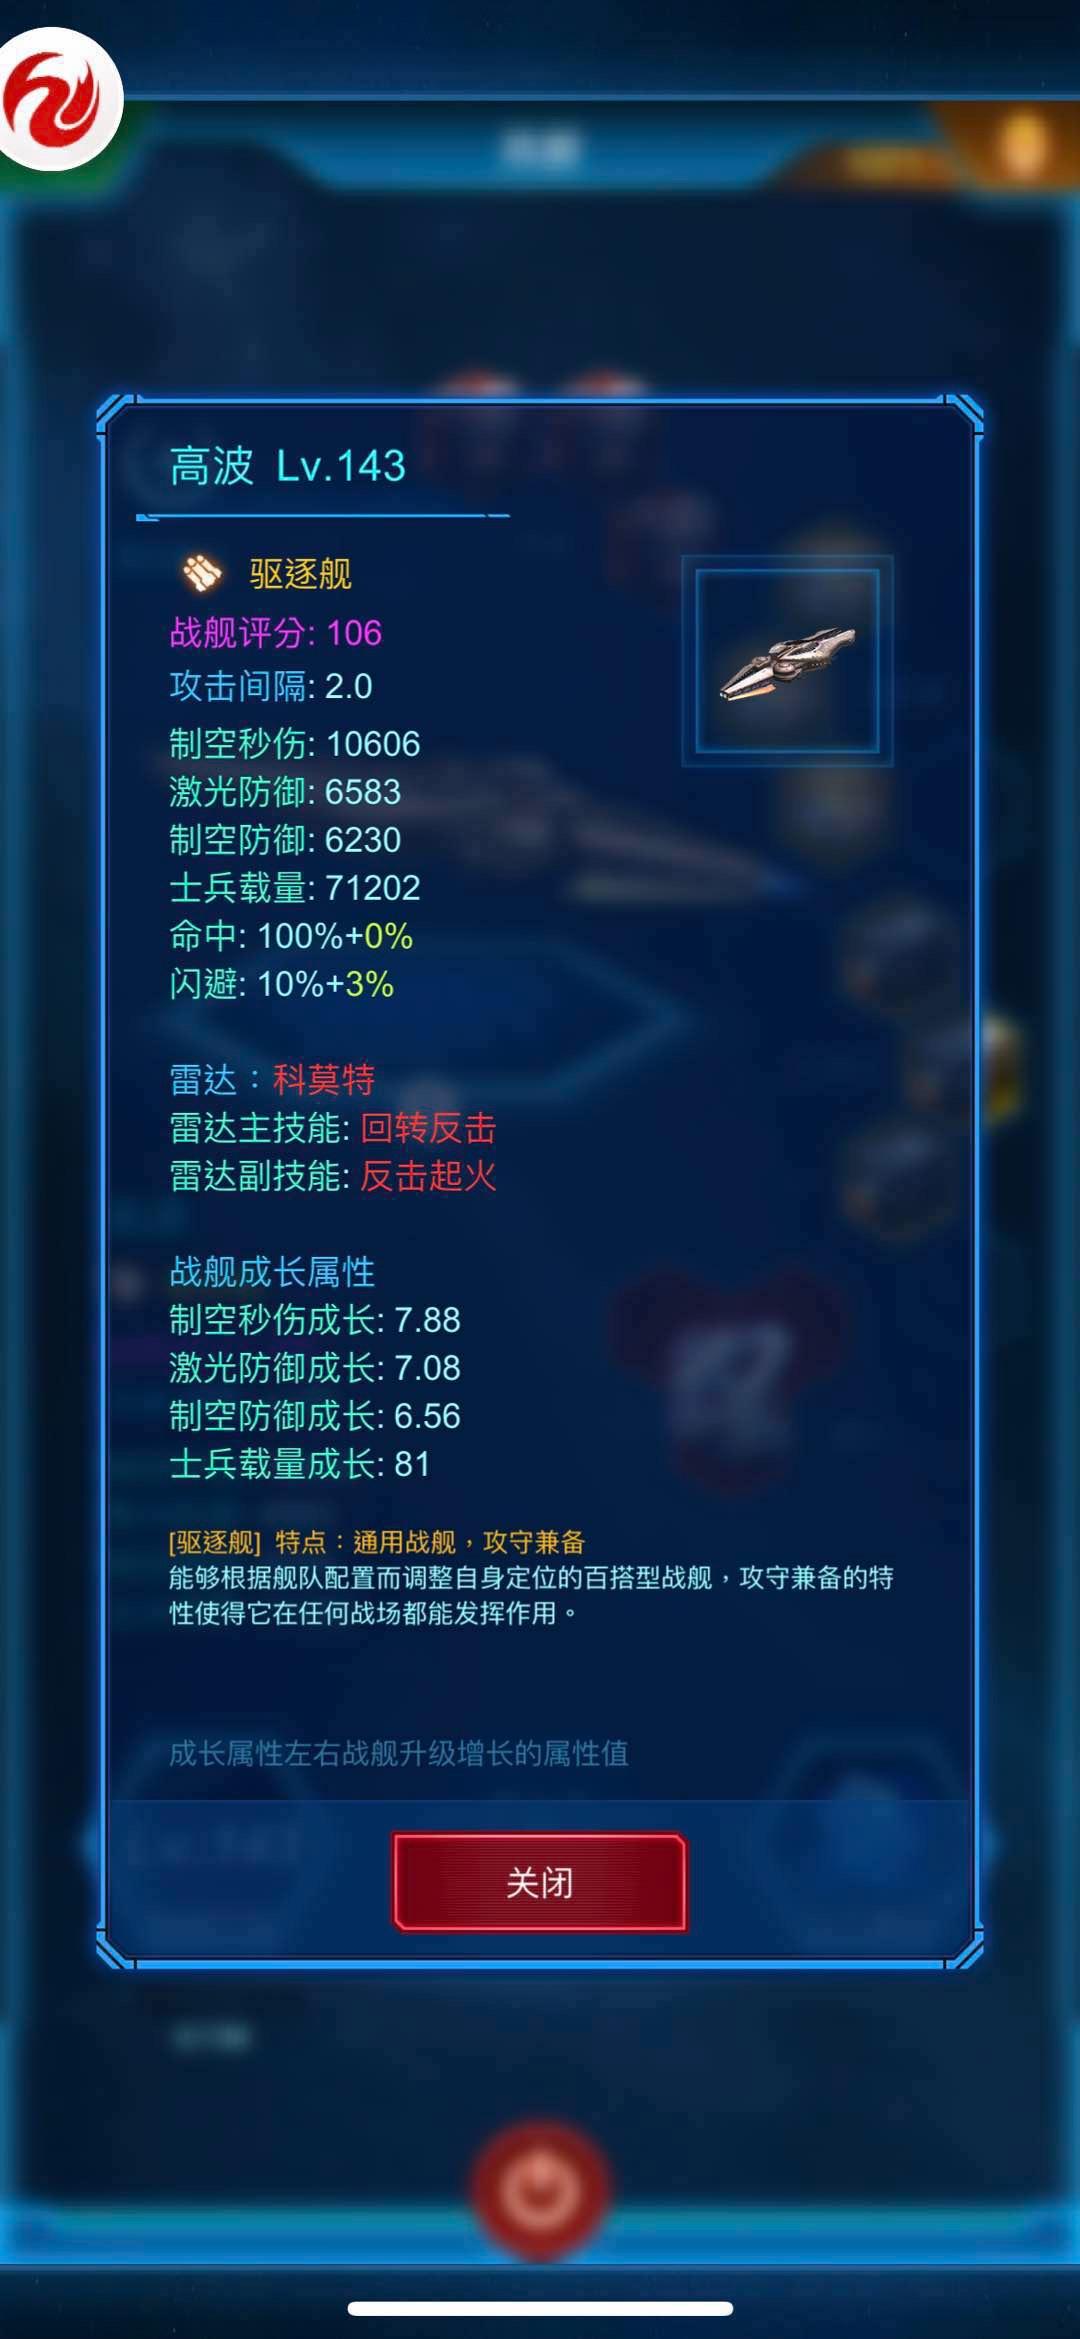 CC0A09FB-FEA4-4CB0-8680-EB9027119860.jpeg